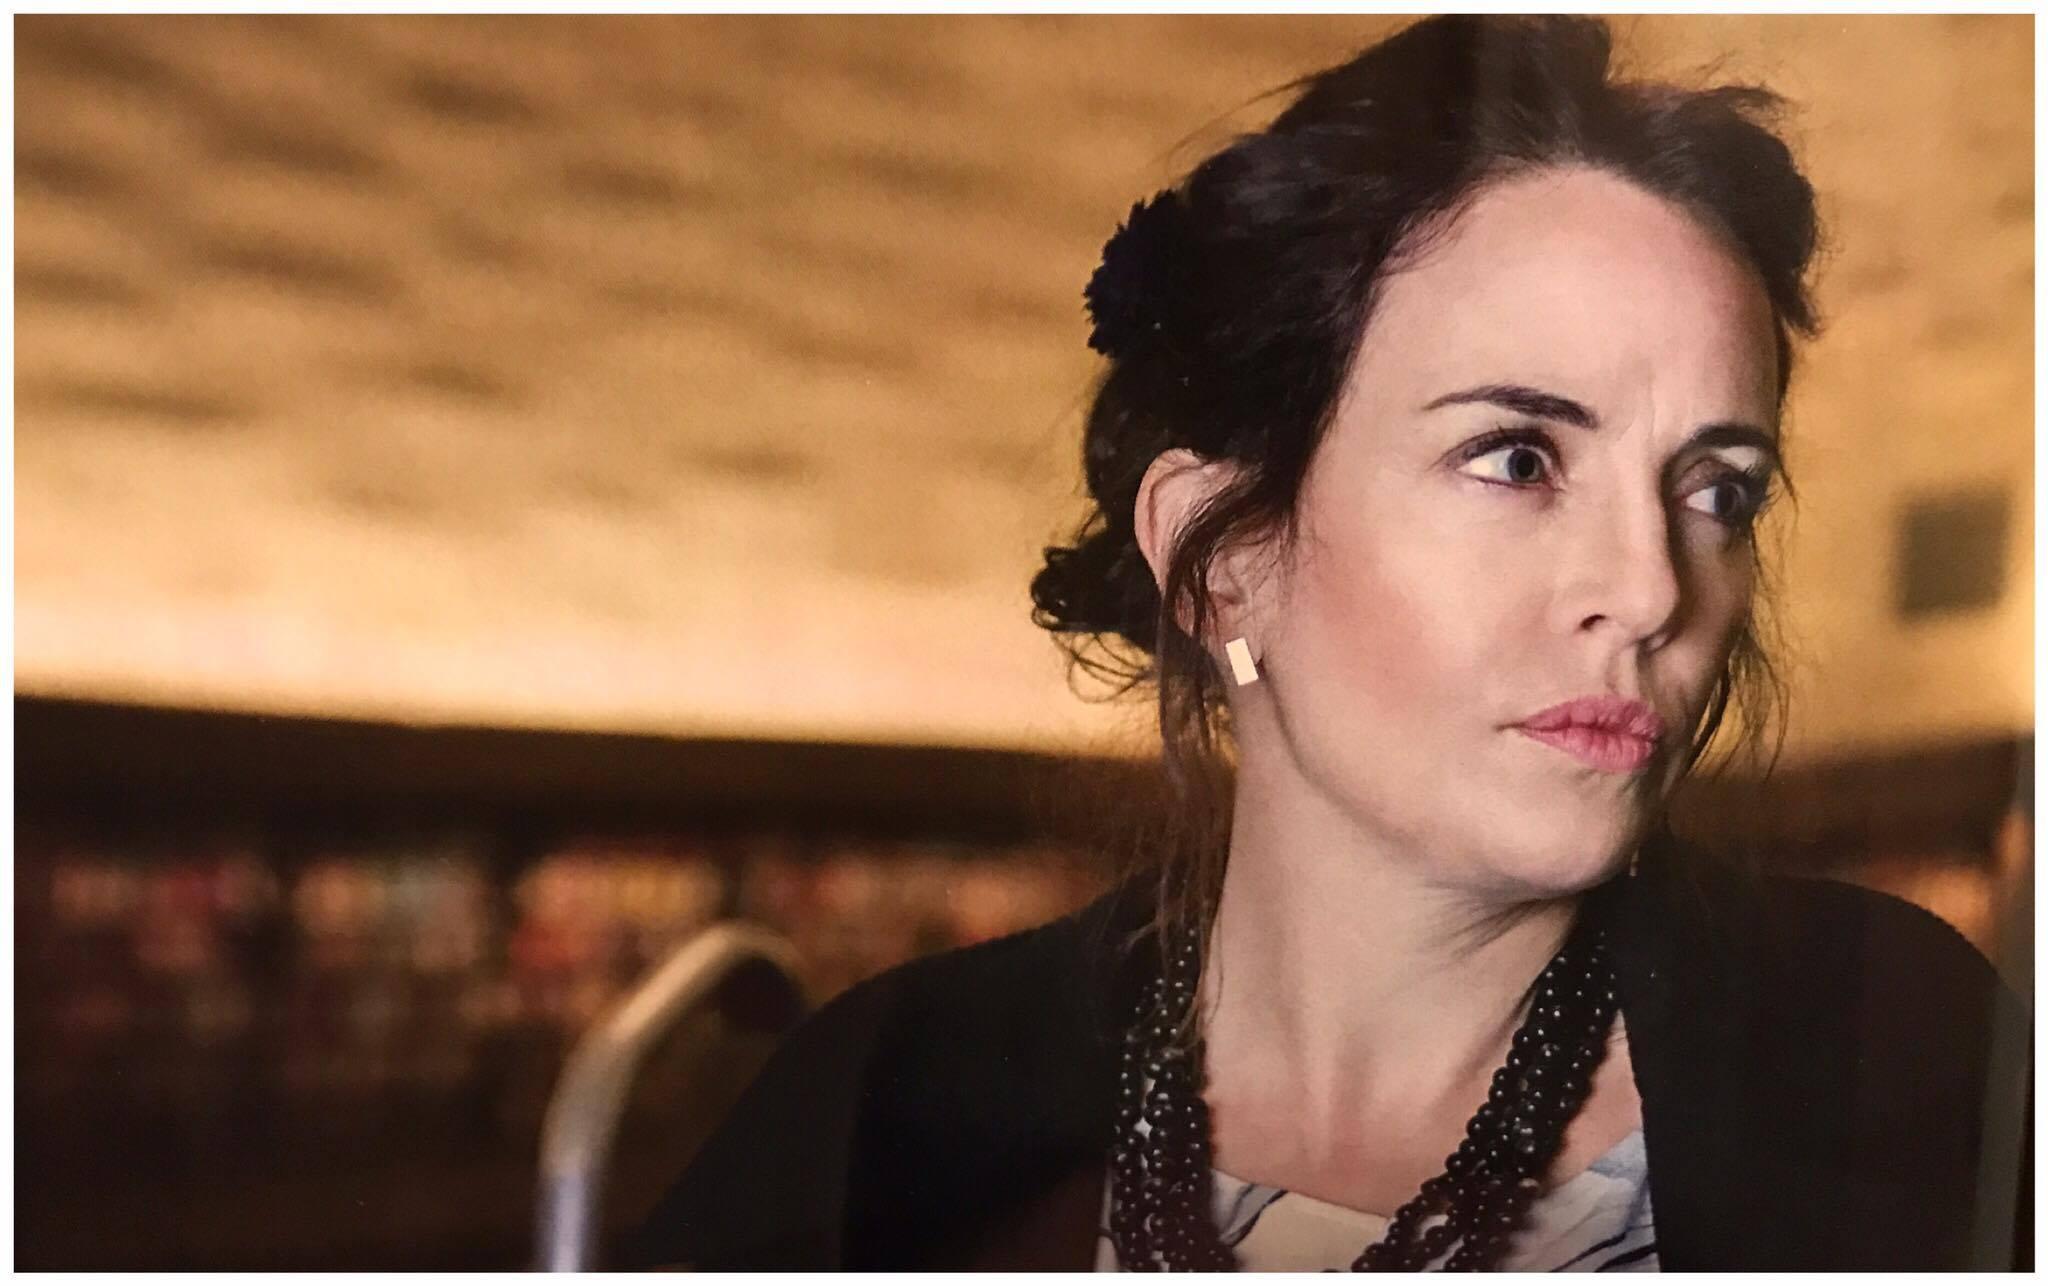 Amanda Ooms amanda ooms in ksv jewellery